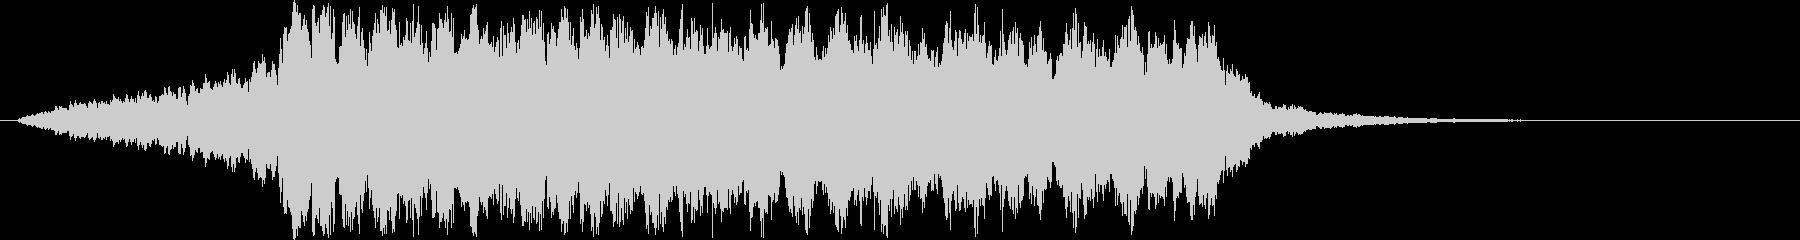 浮遊感ある綺麗なお知らせ音の未再生の波形